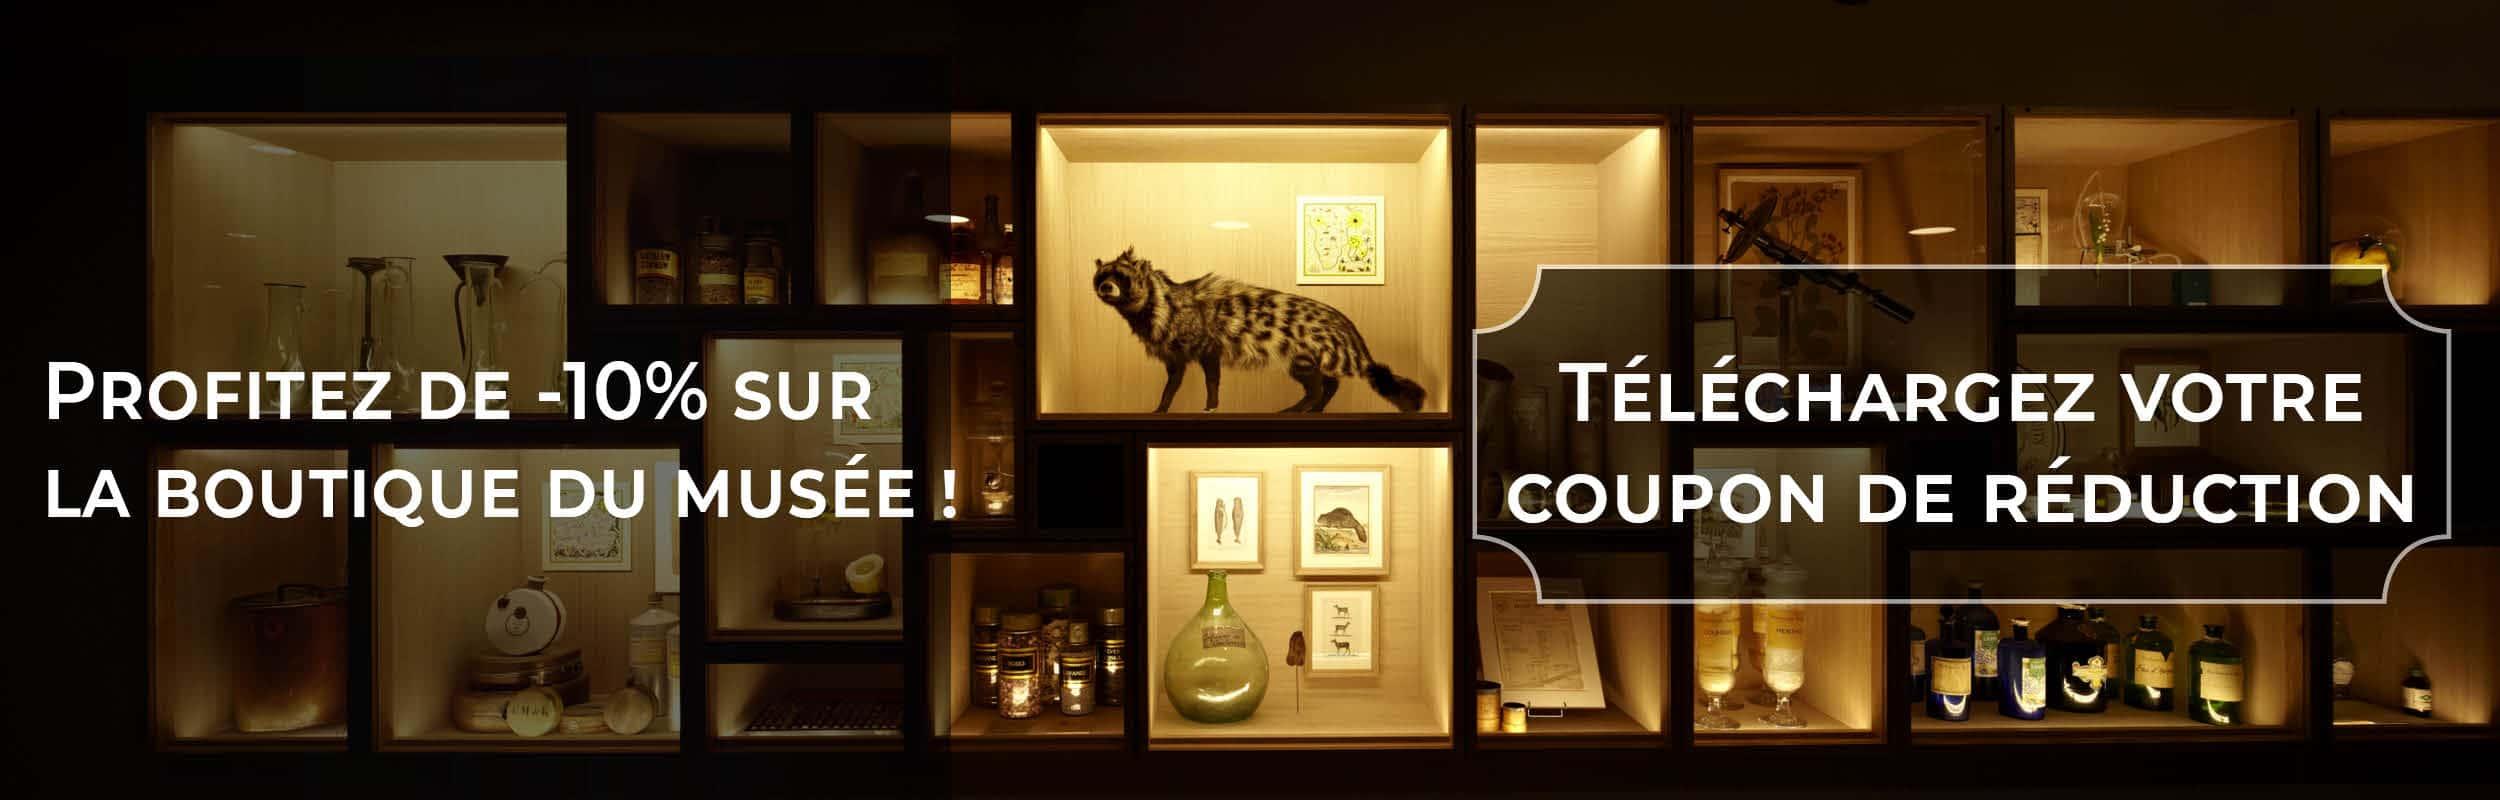 Visiter Le Musée Du Parfum Fragonard à Paris Billets Tarifs Horaires